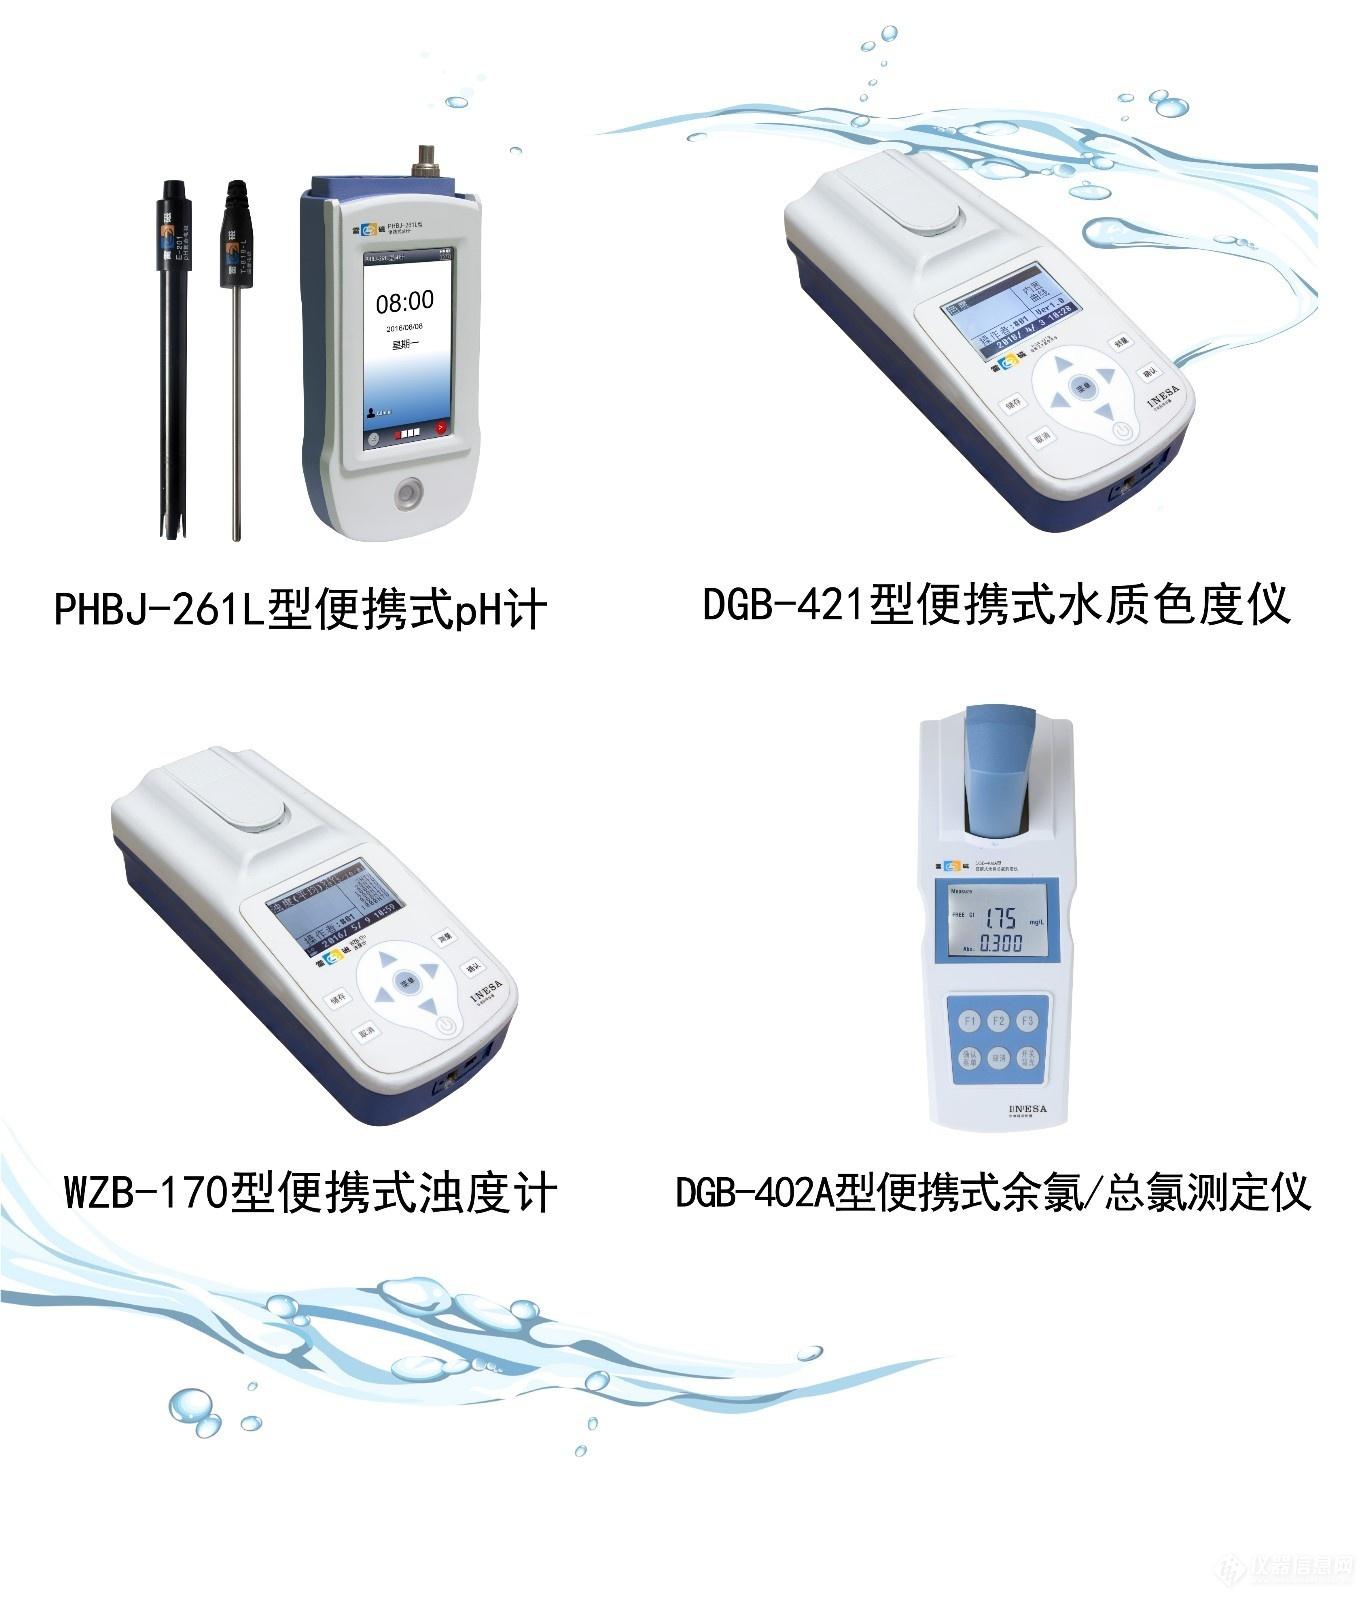 HDCOMP_8071410369.jpg